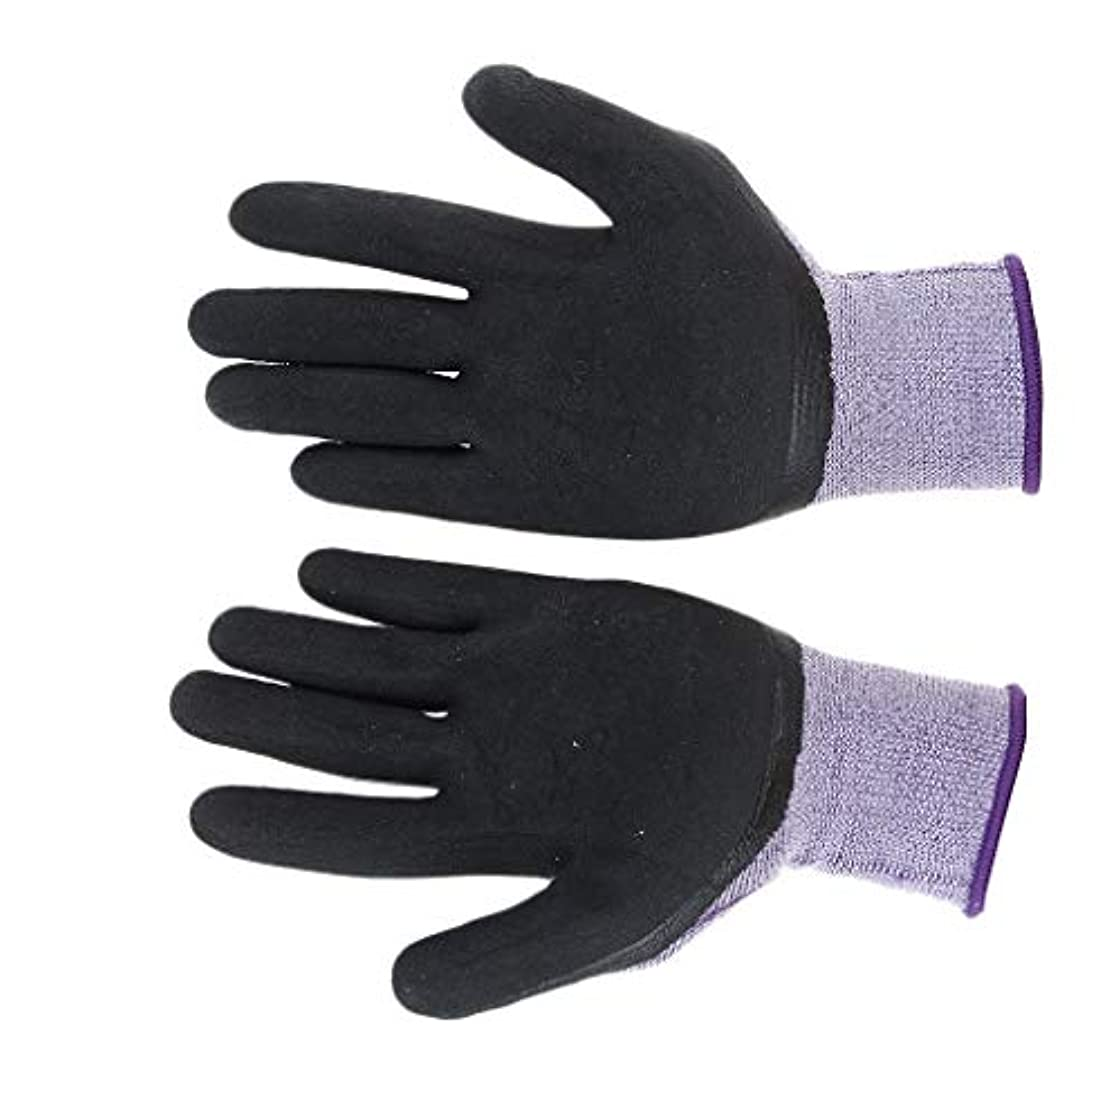 なる小康落花生ナイロンラテックス滑り止め弾性安全作業保護手袋、優れたグリップ